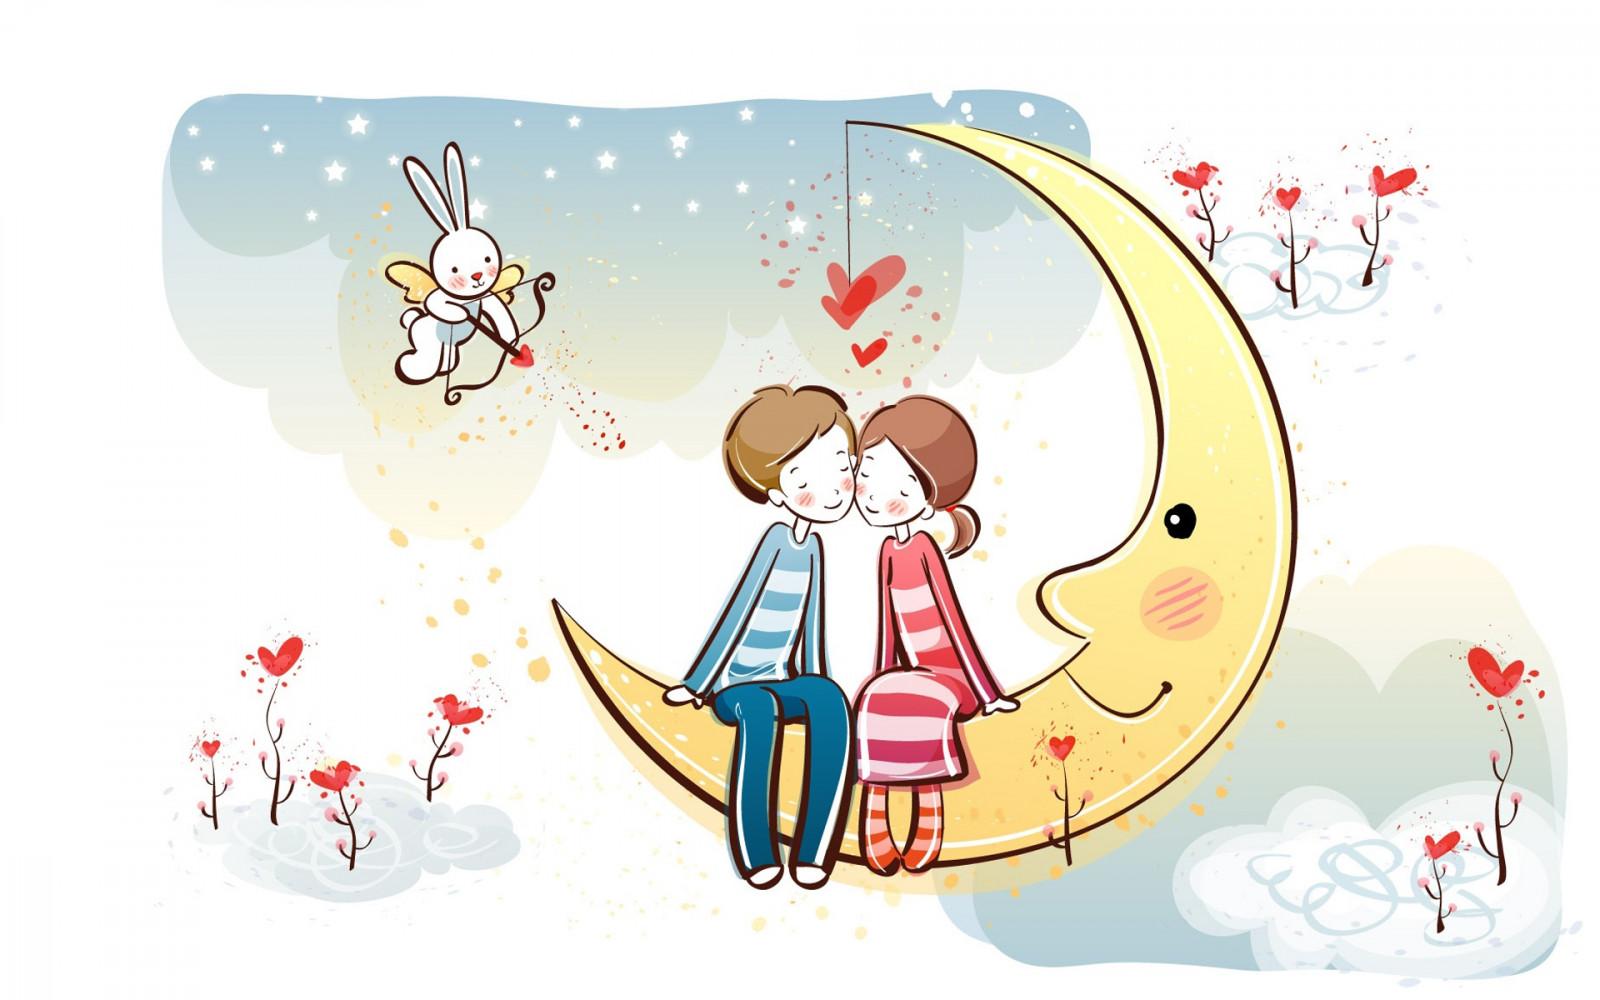 Wallpaper Ilustrasi Cinta Bulan Gambar Kartun Orang